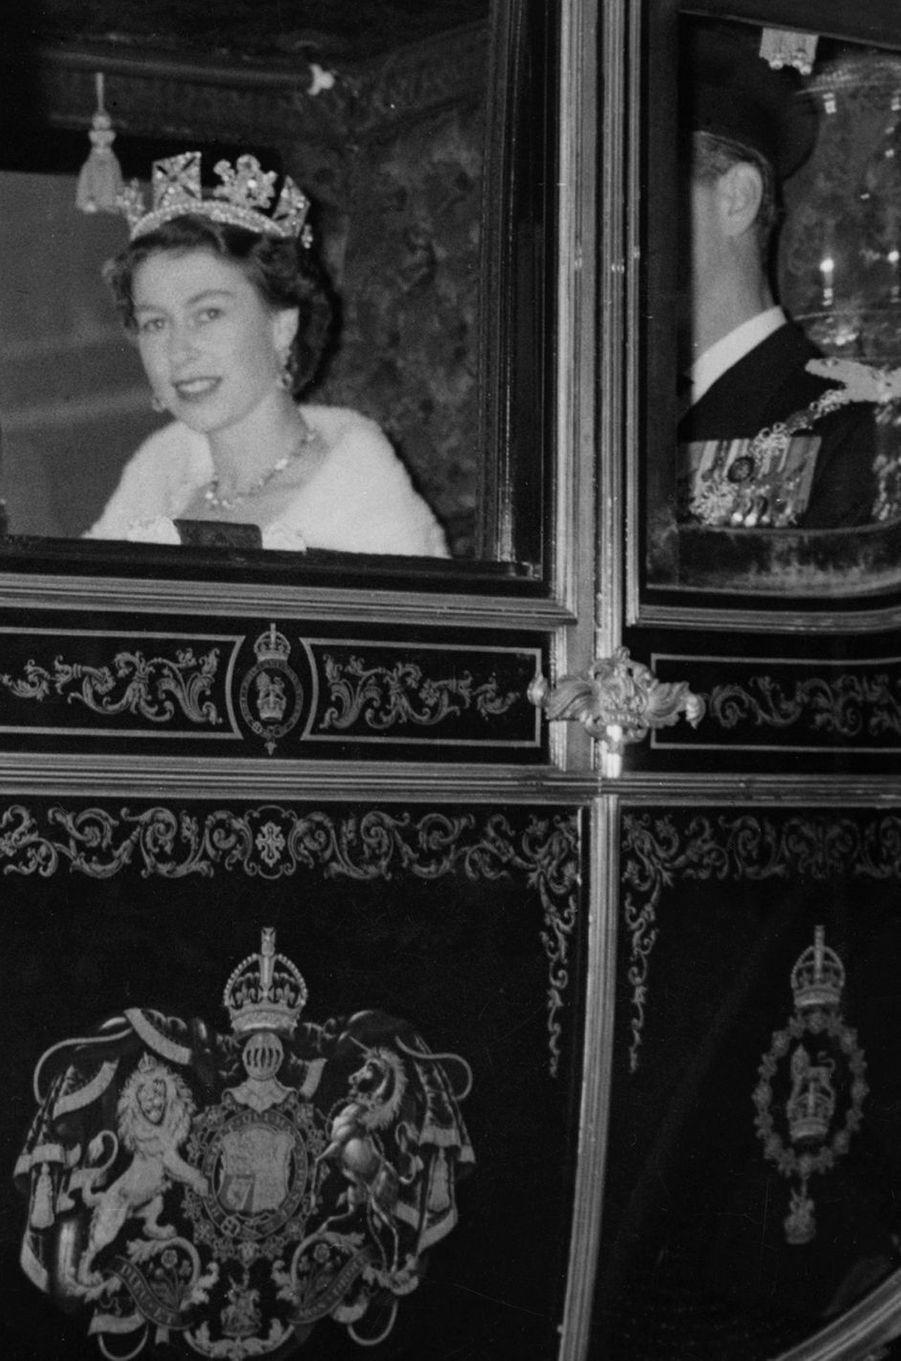 La reine Elizabeth II porte le diadème d'Etat de George IV, le jour de son couronnement, 2 juin 1953